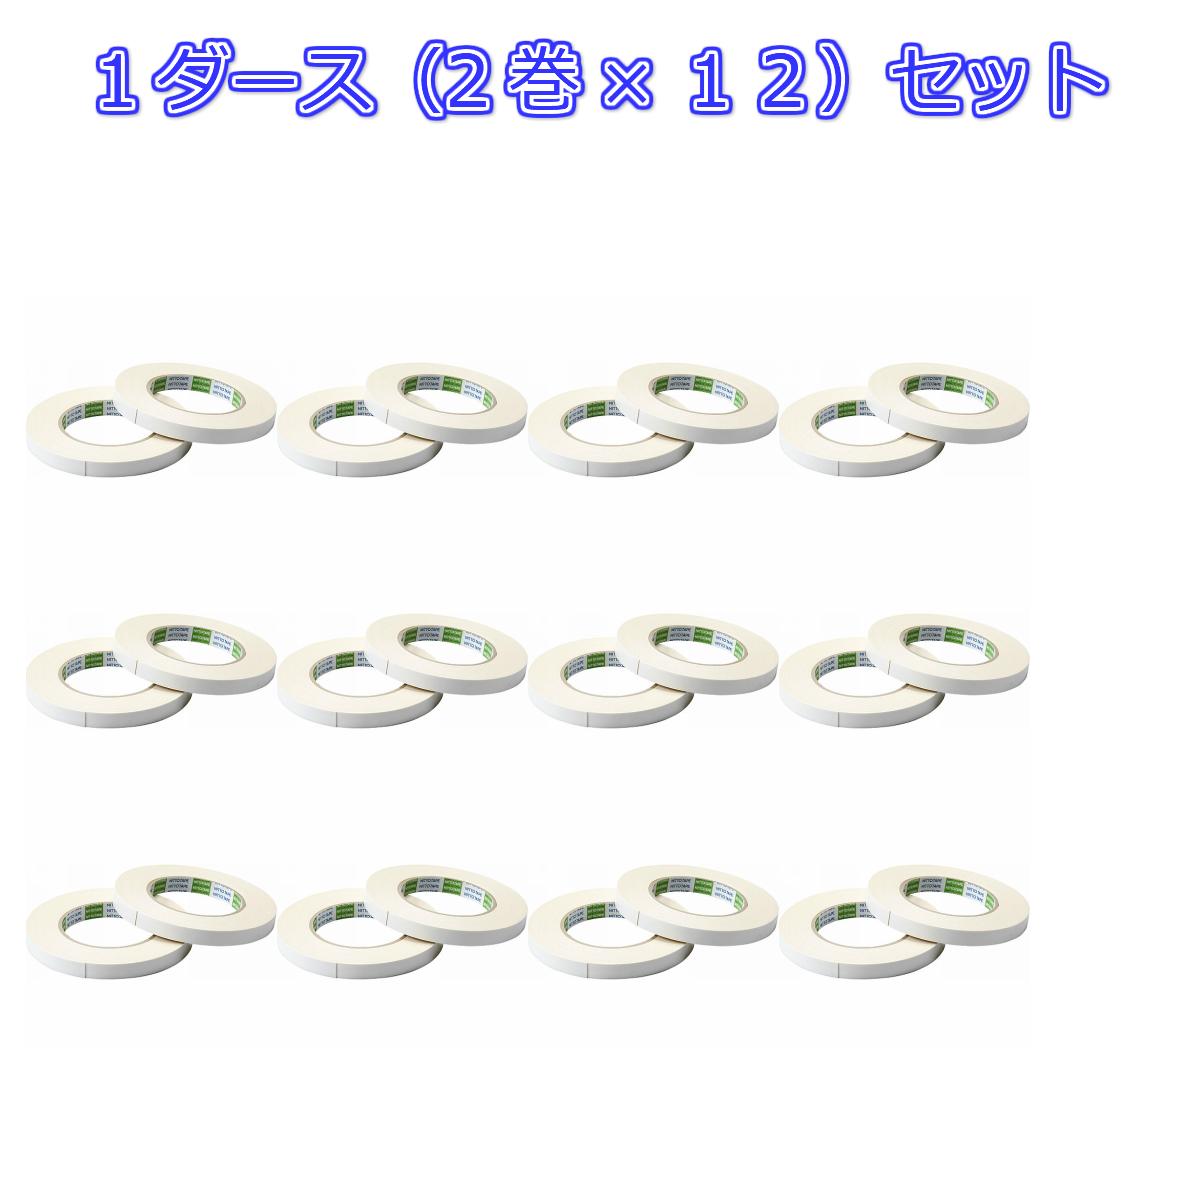 【送料無料(北海道・沖縄・離島除く)】モルテン molten フィンガーテープ 12個セット(2巻×12) FTW ハンドボール 指用テーピング